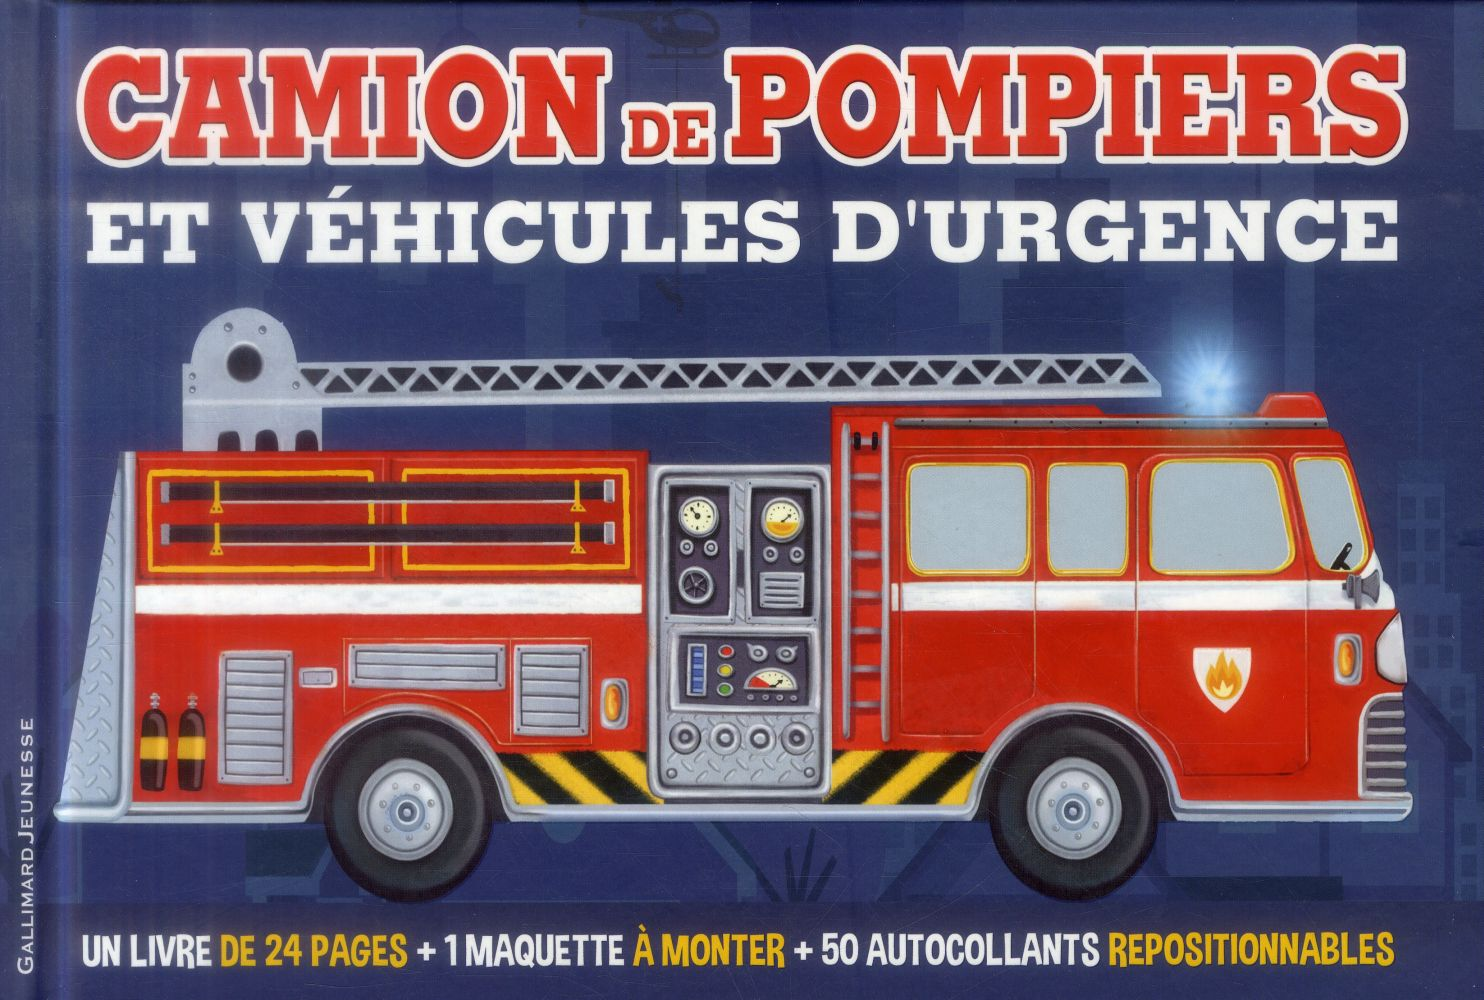 CAMION DE POMPIERS ET VEHICULES D'URGENCE OXLADE CHRIS Gallimard-Jeunesse